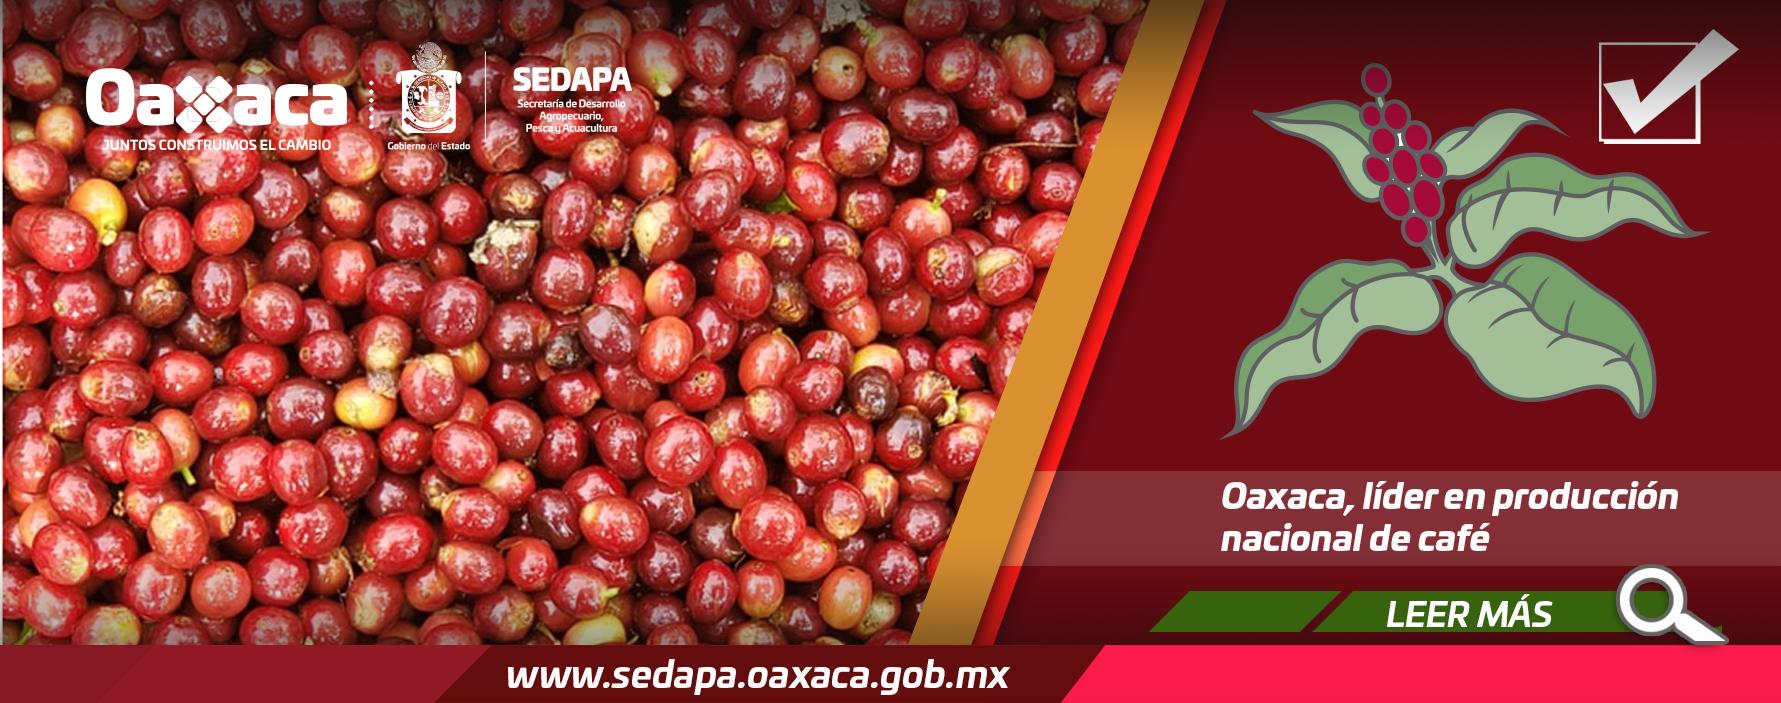 Oaxaca, líder en producción nacional de café.